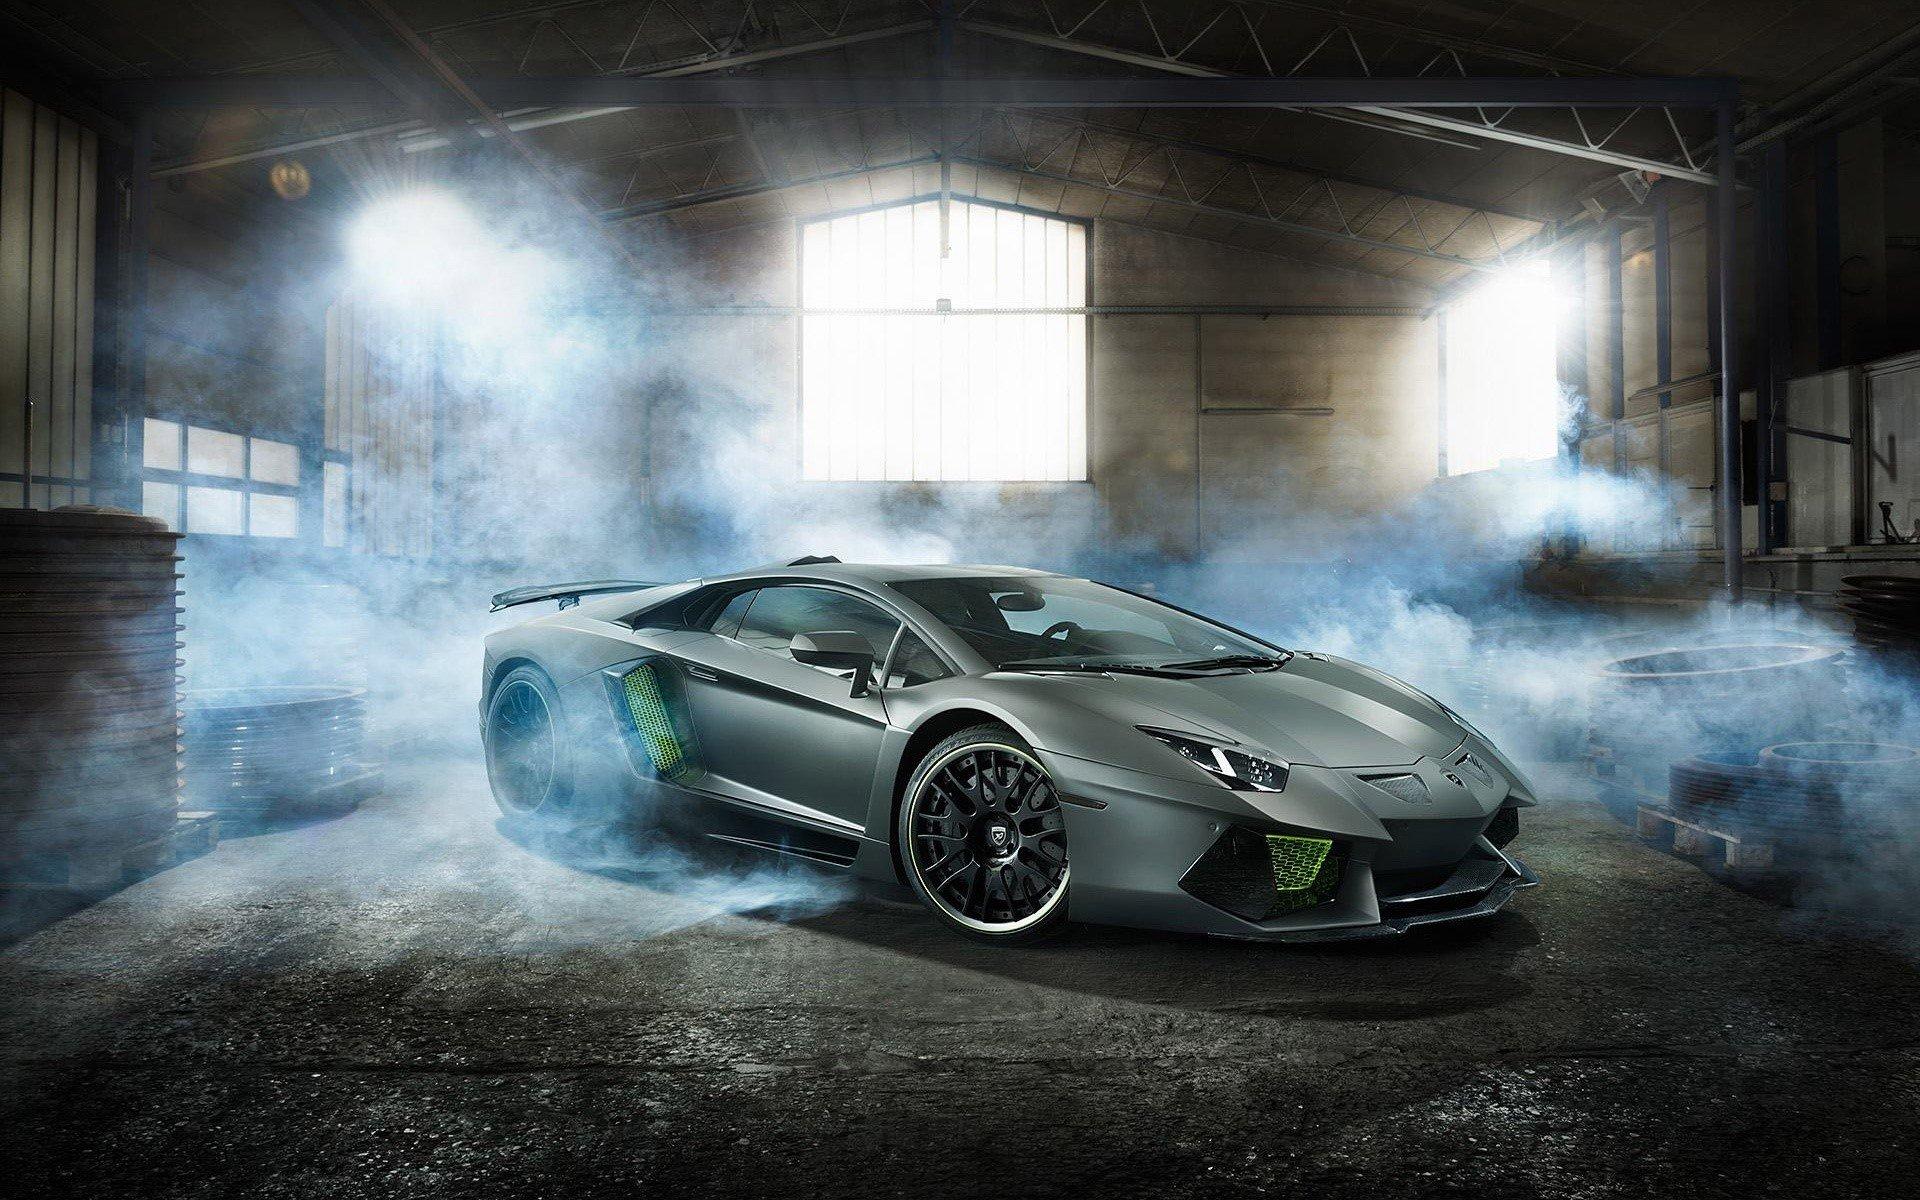 Fondo de pantalla de Hamann Lamborghini Aventador 2014 Imágenes